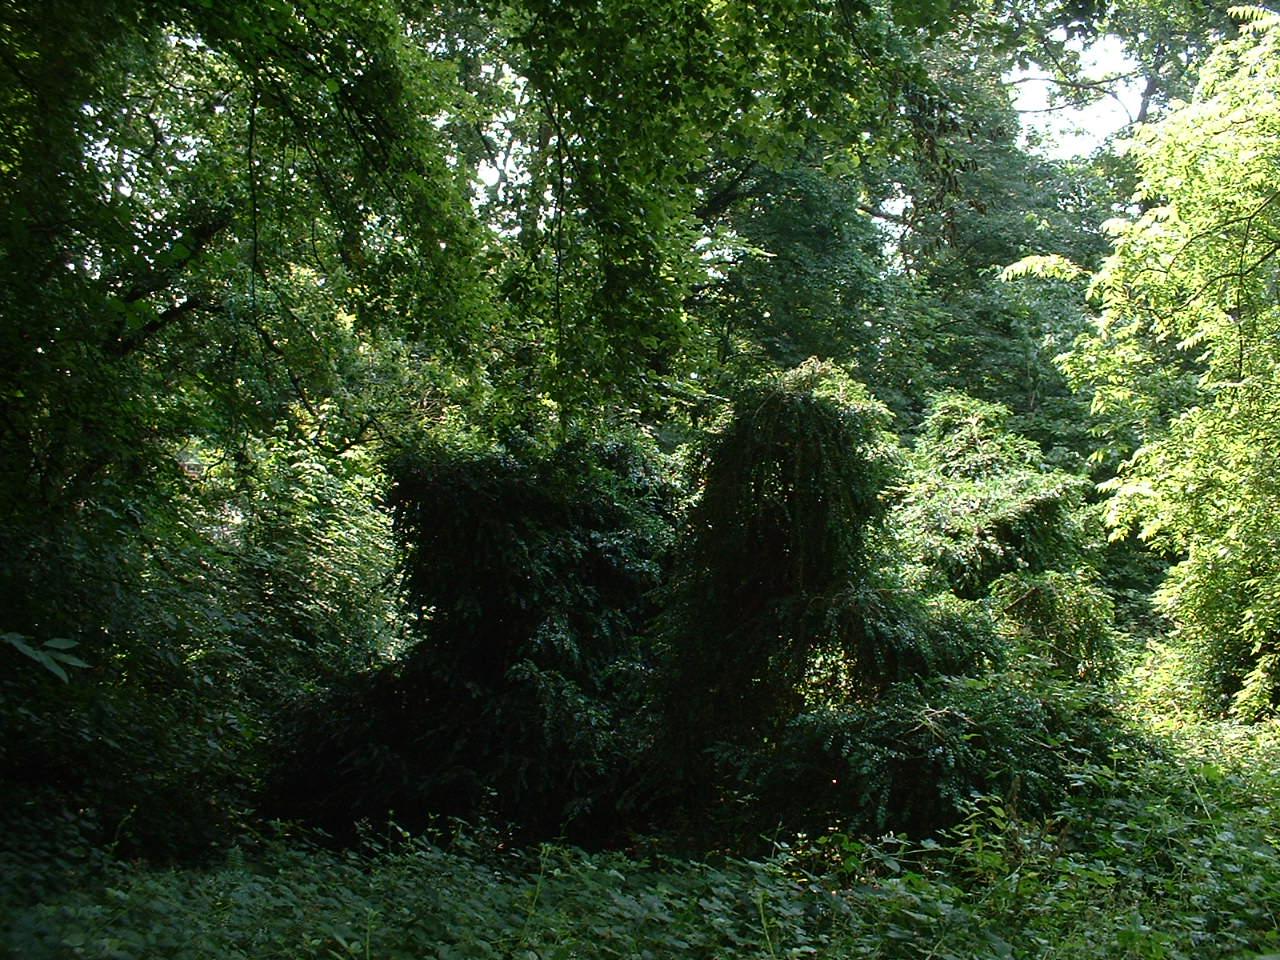 Buis – Watermael-Boitsfort, Parc privé de l'Institut royal des Sciences naturelles de Belgique et chemin des Chablis, Chemin des Chablis, 4 –  17 Juillet 2002